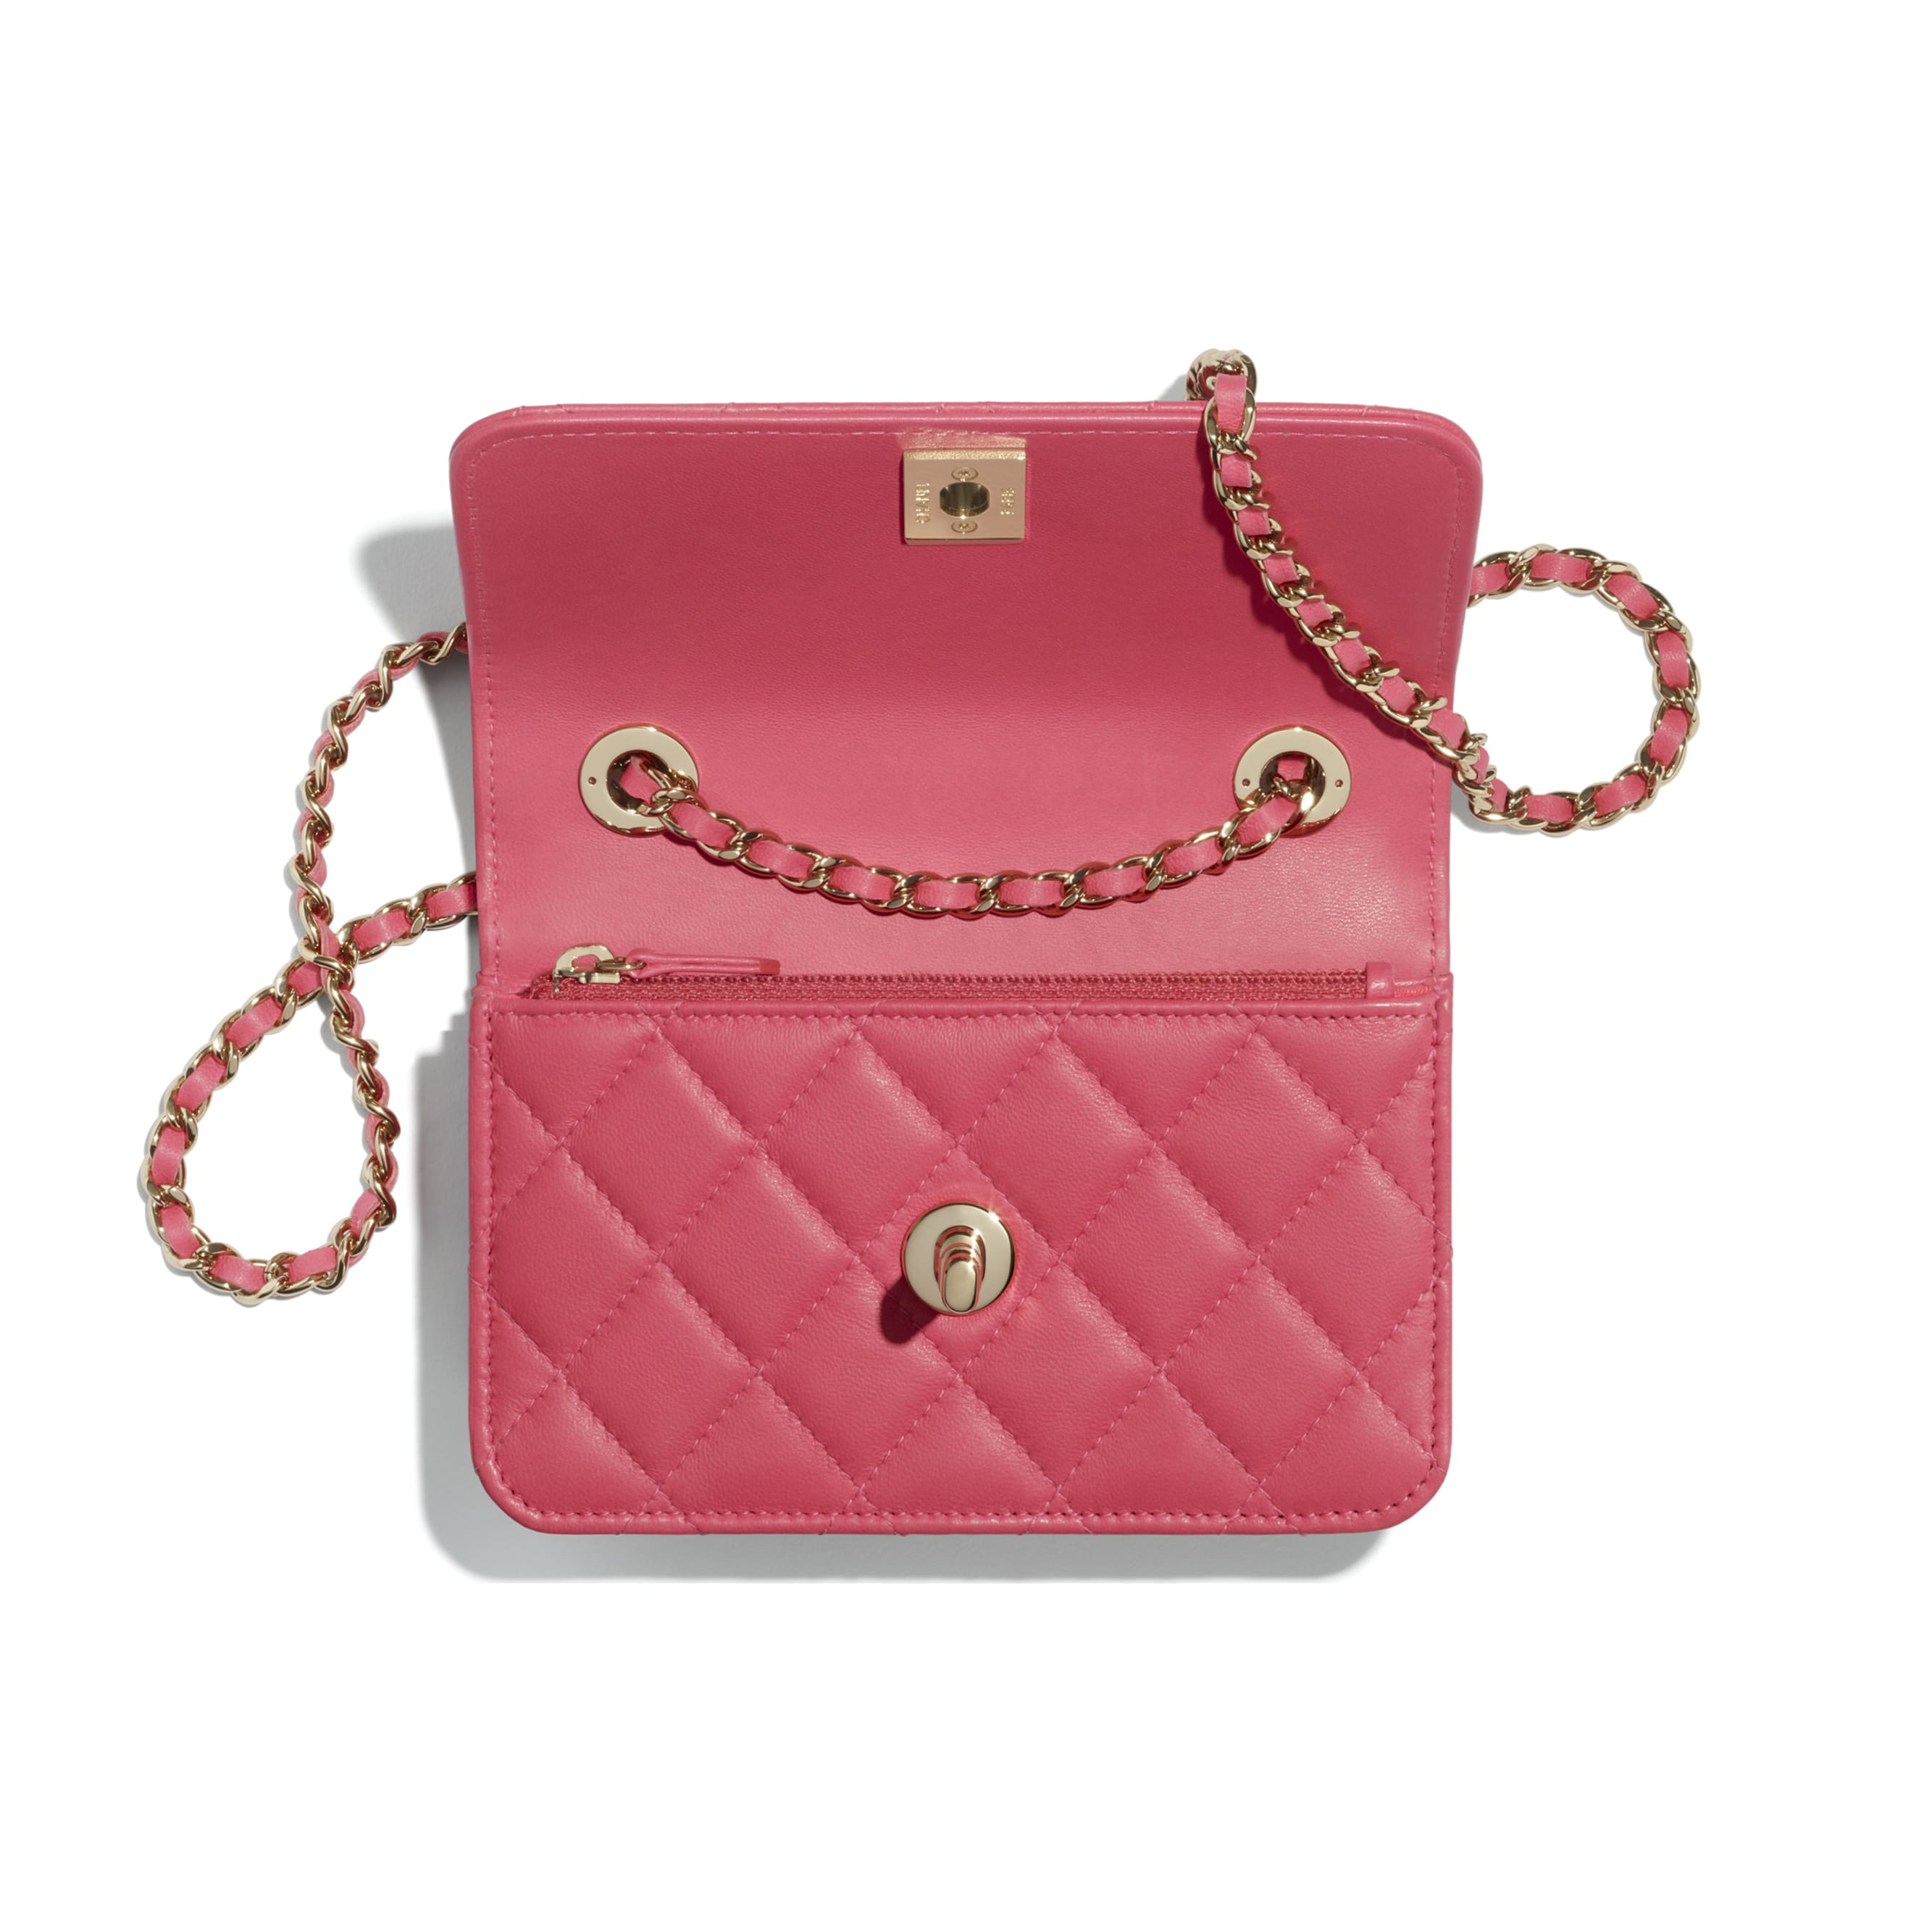 Bolso de mano con cadena - Rosa - Piel de cordero y metal dorado - CHANEL - Otra vista - ver la versión tamaño estándar